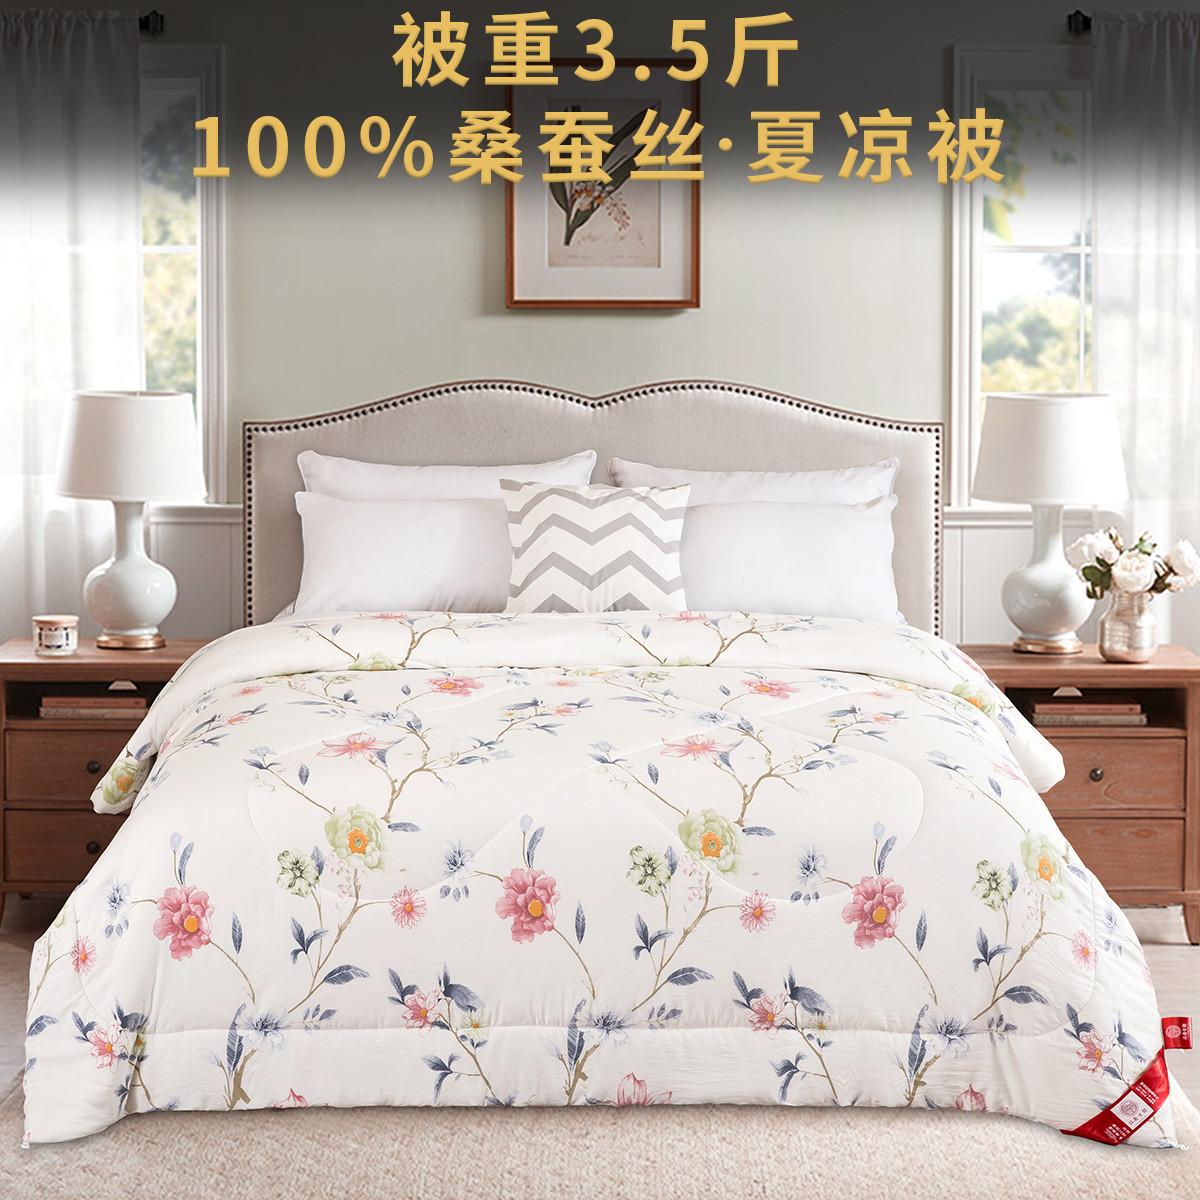 江南古韵2019新款100%桑蚕丝被重3.5斤产地直供春秋冬被子芯cnhk-2